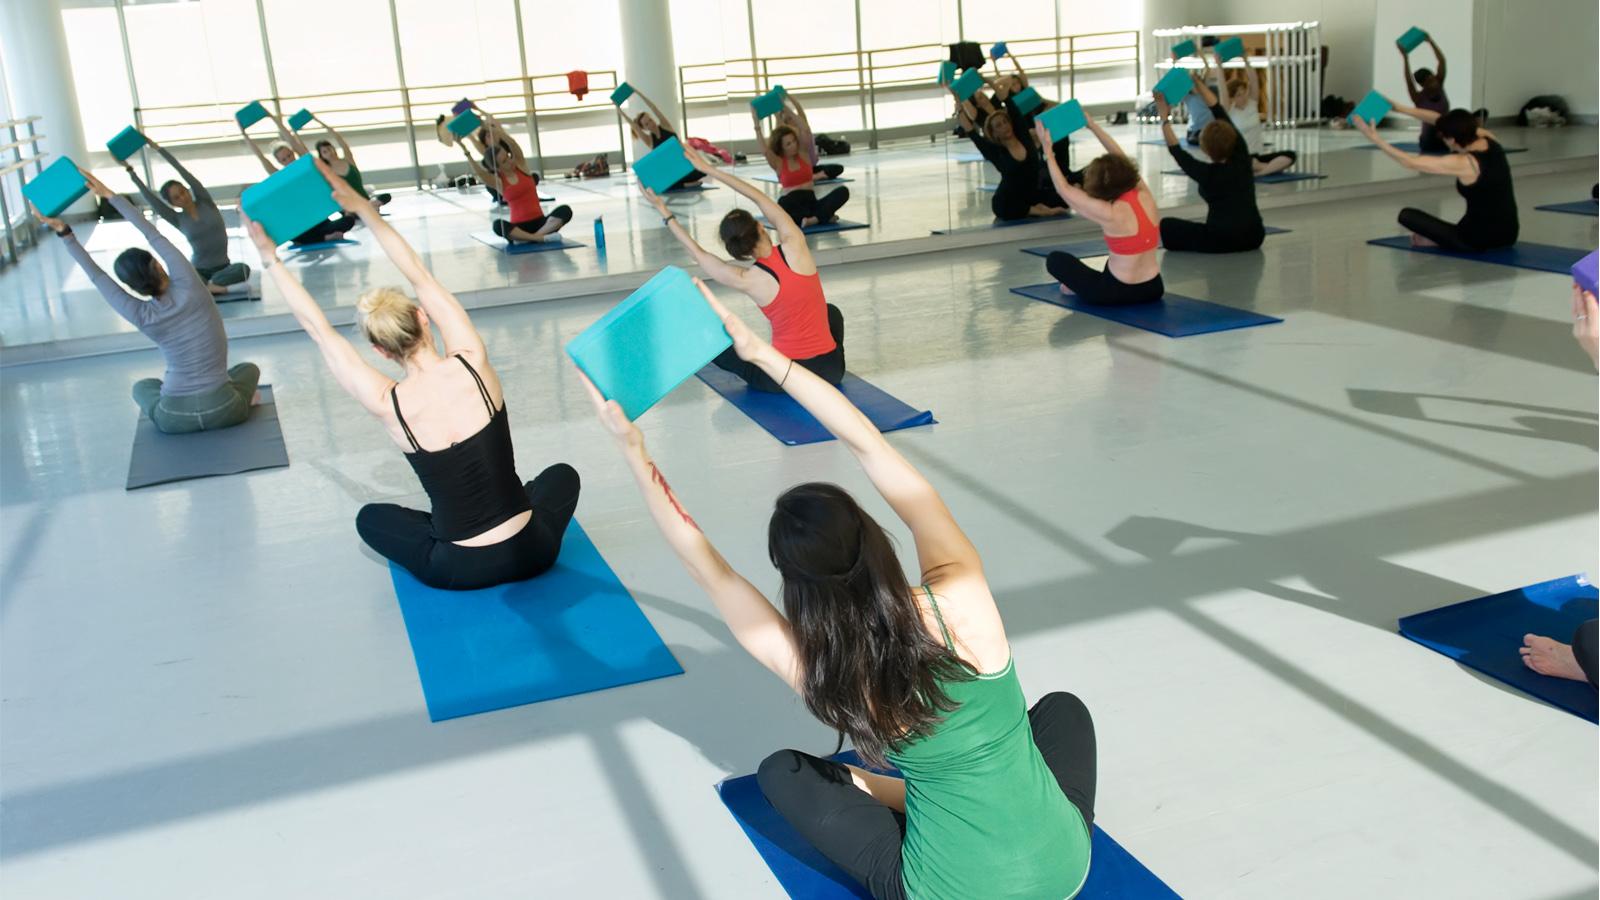 Powerful Body Pilates